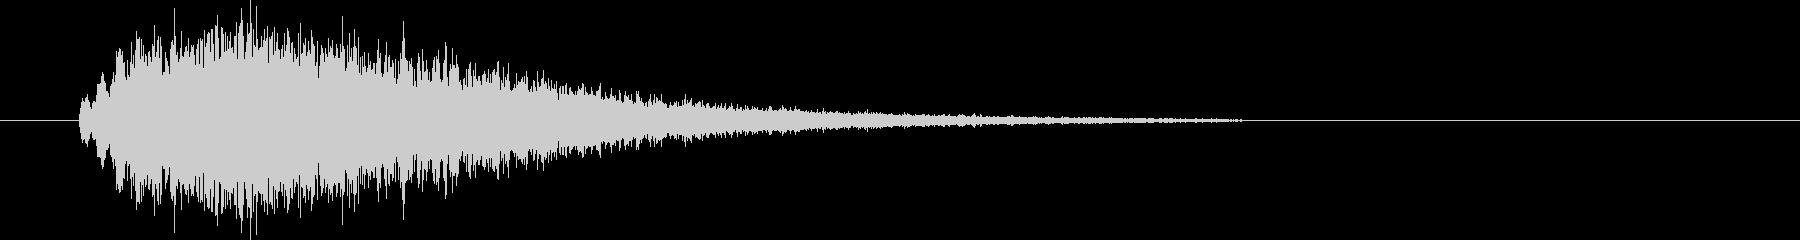 キュワーン(魔法、エフェクト、回復)の未再生の波形